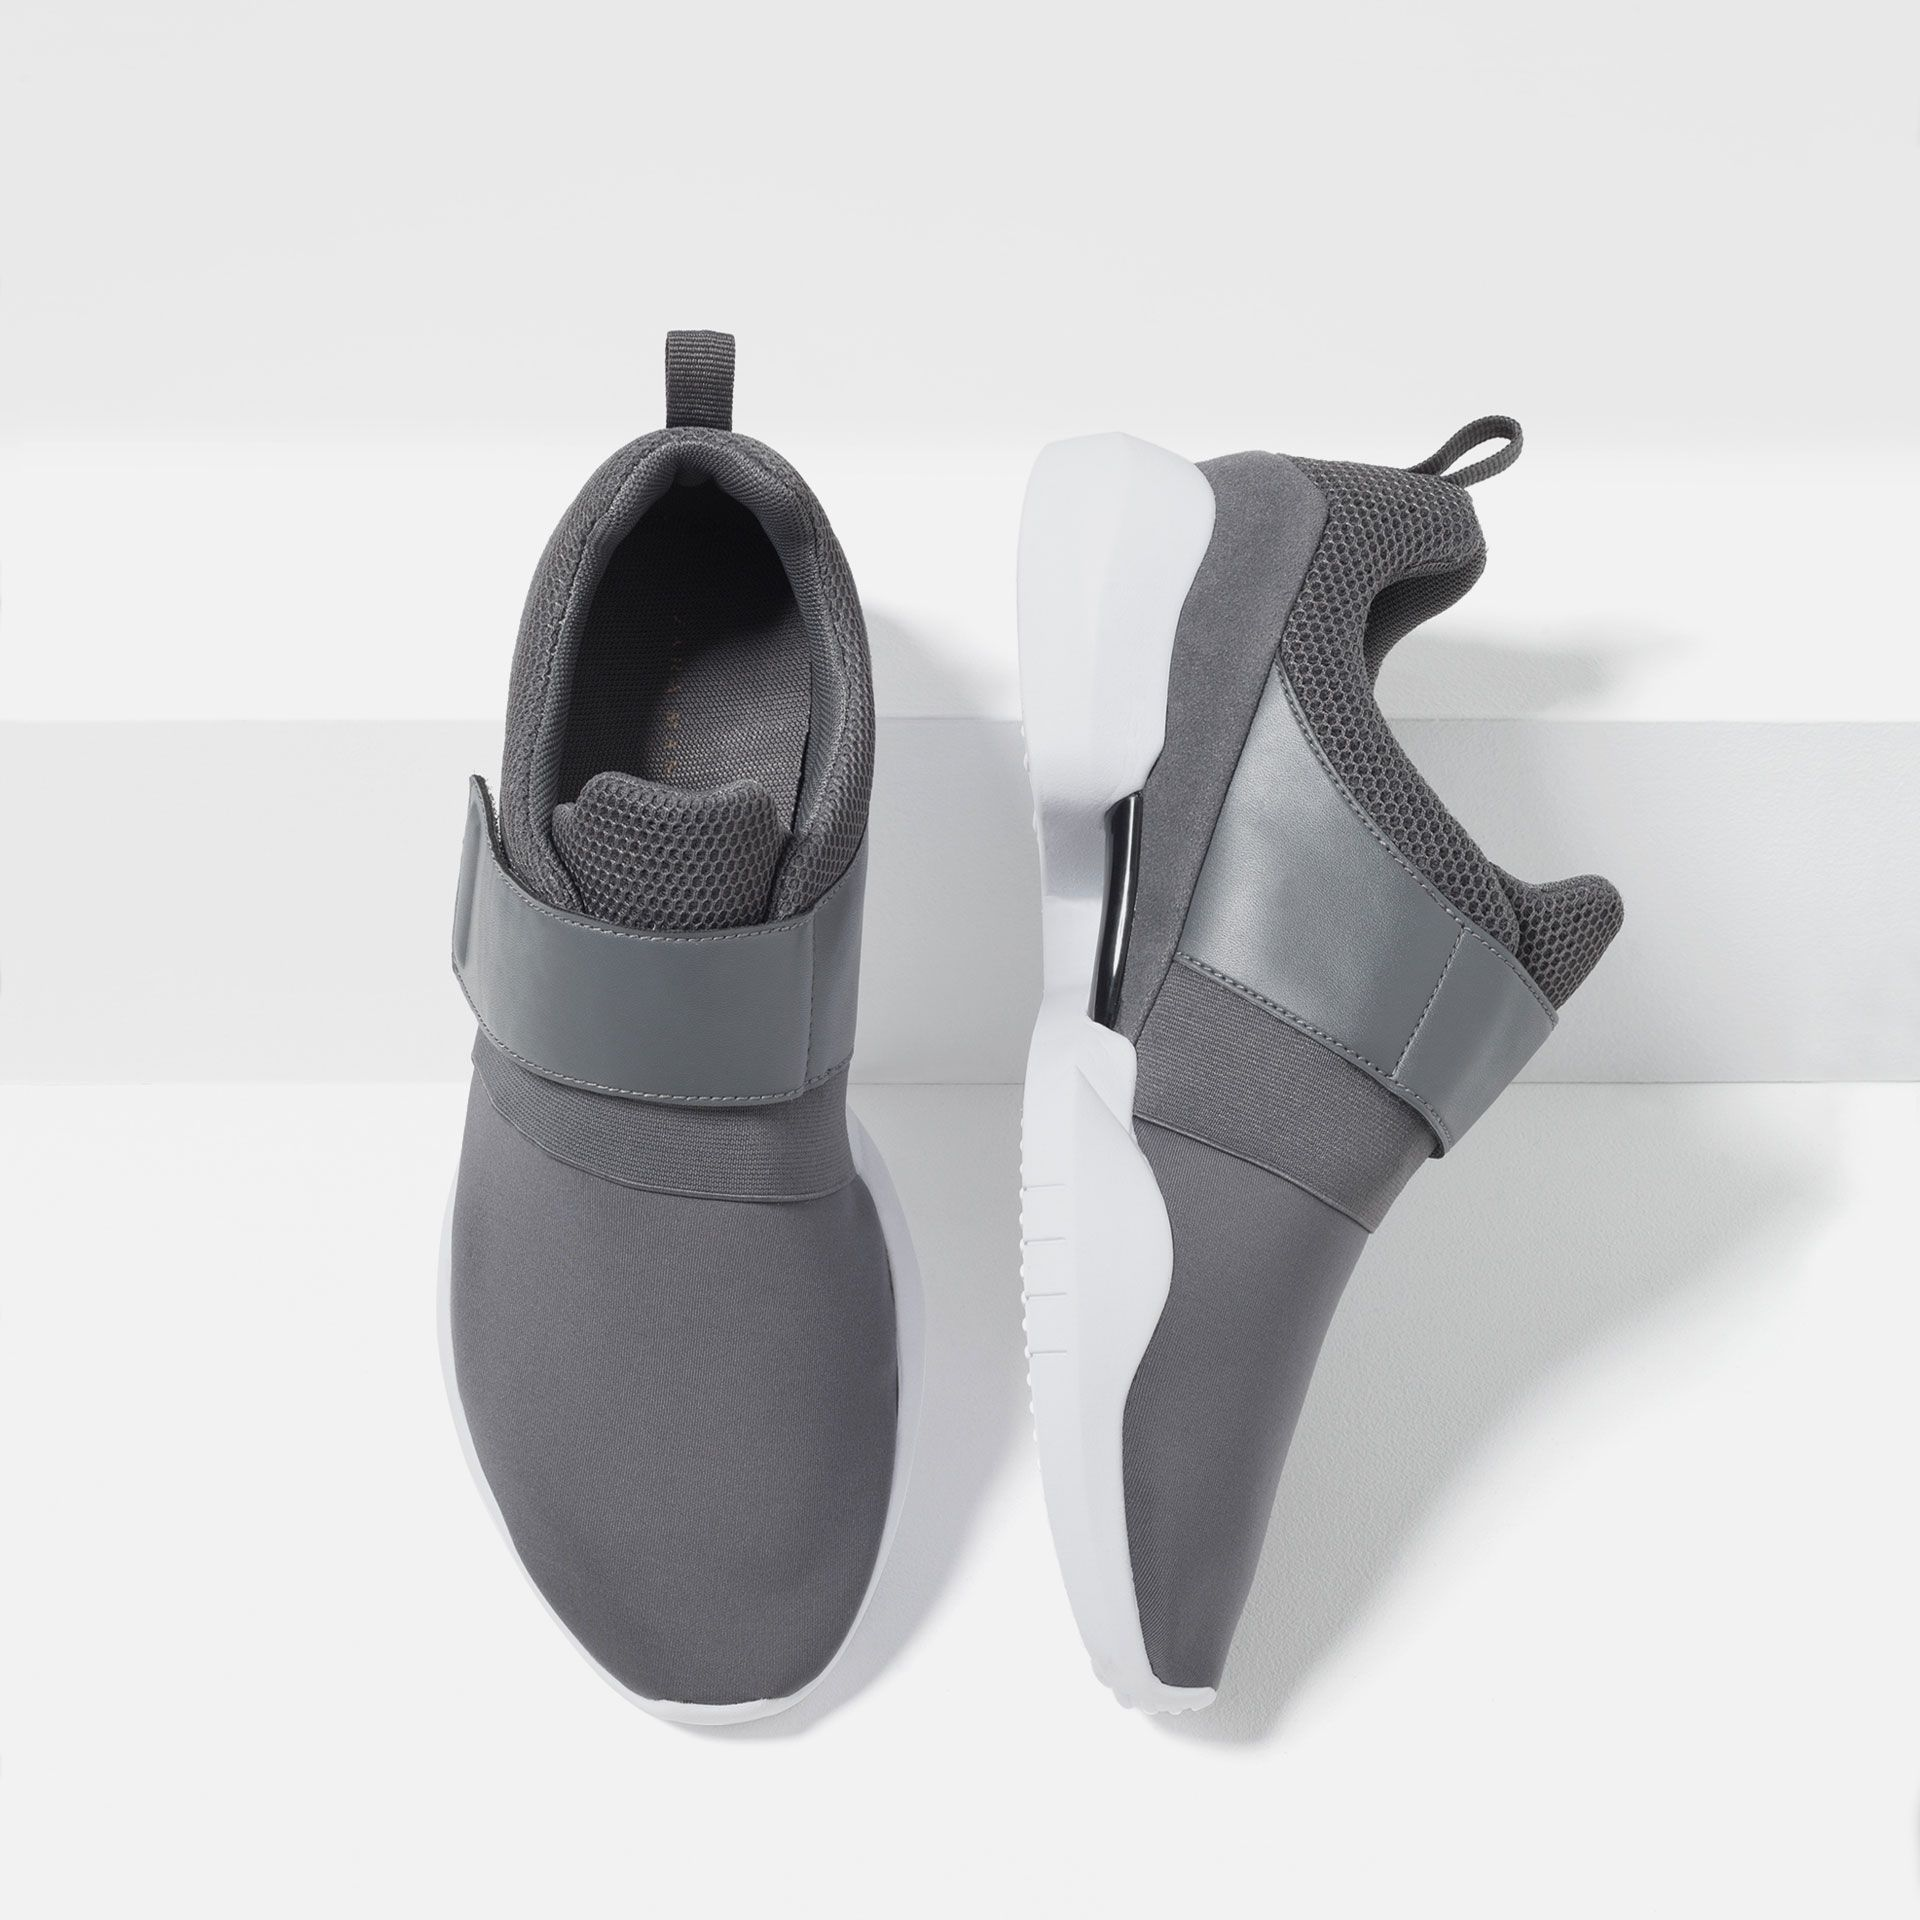 sneaker mit klettverschluss alles anzeigen ab gr e 39 schuhe herren zara deutschland. Black Bedroom Furniture Sets. Home Design Ideas